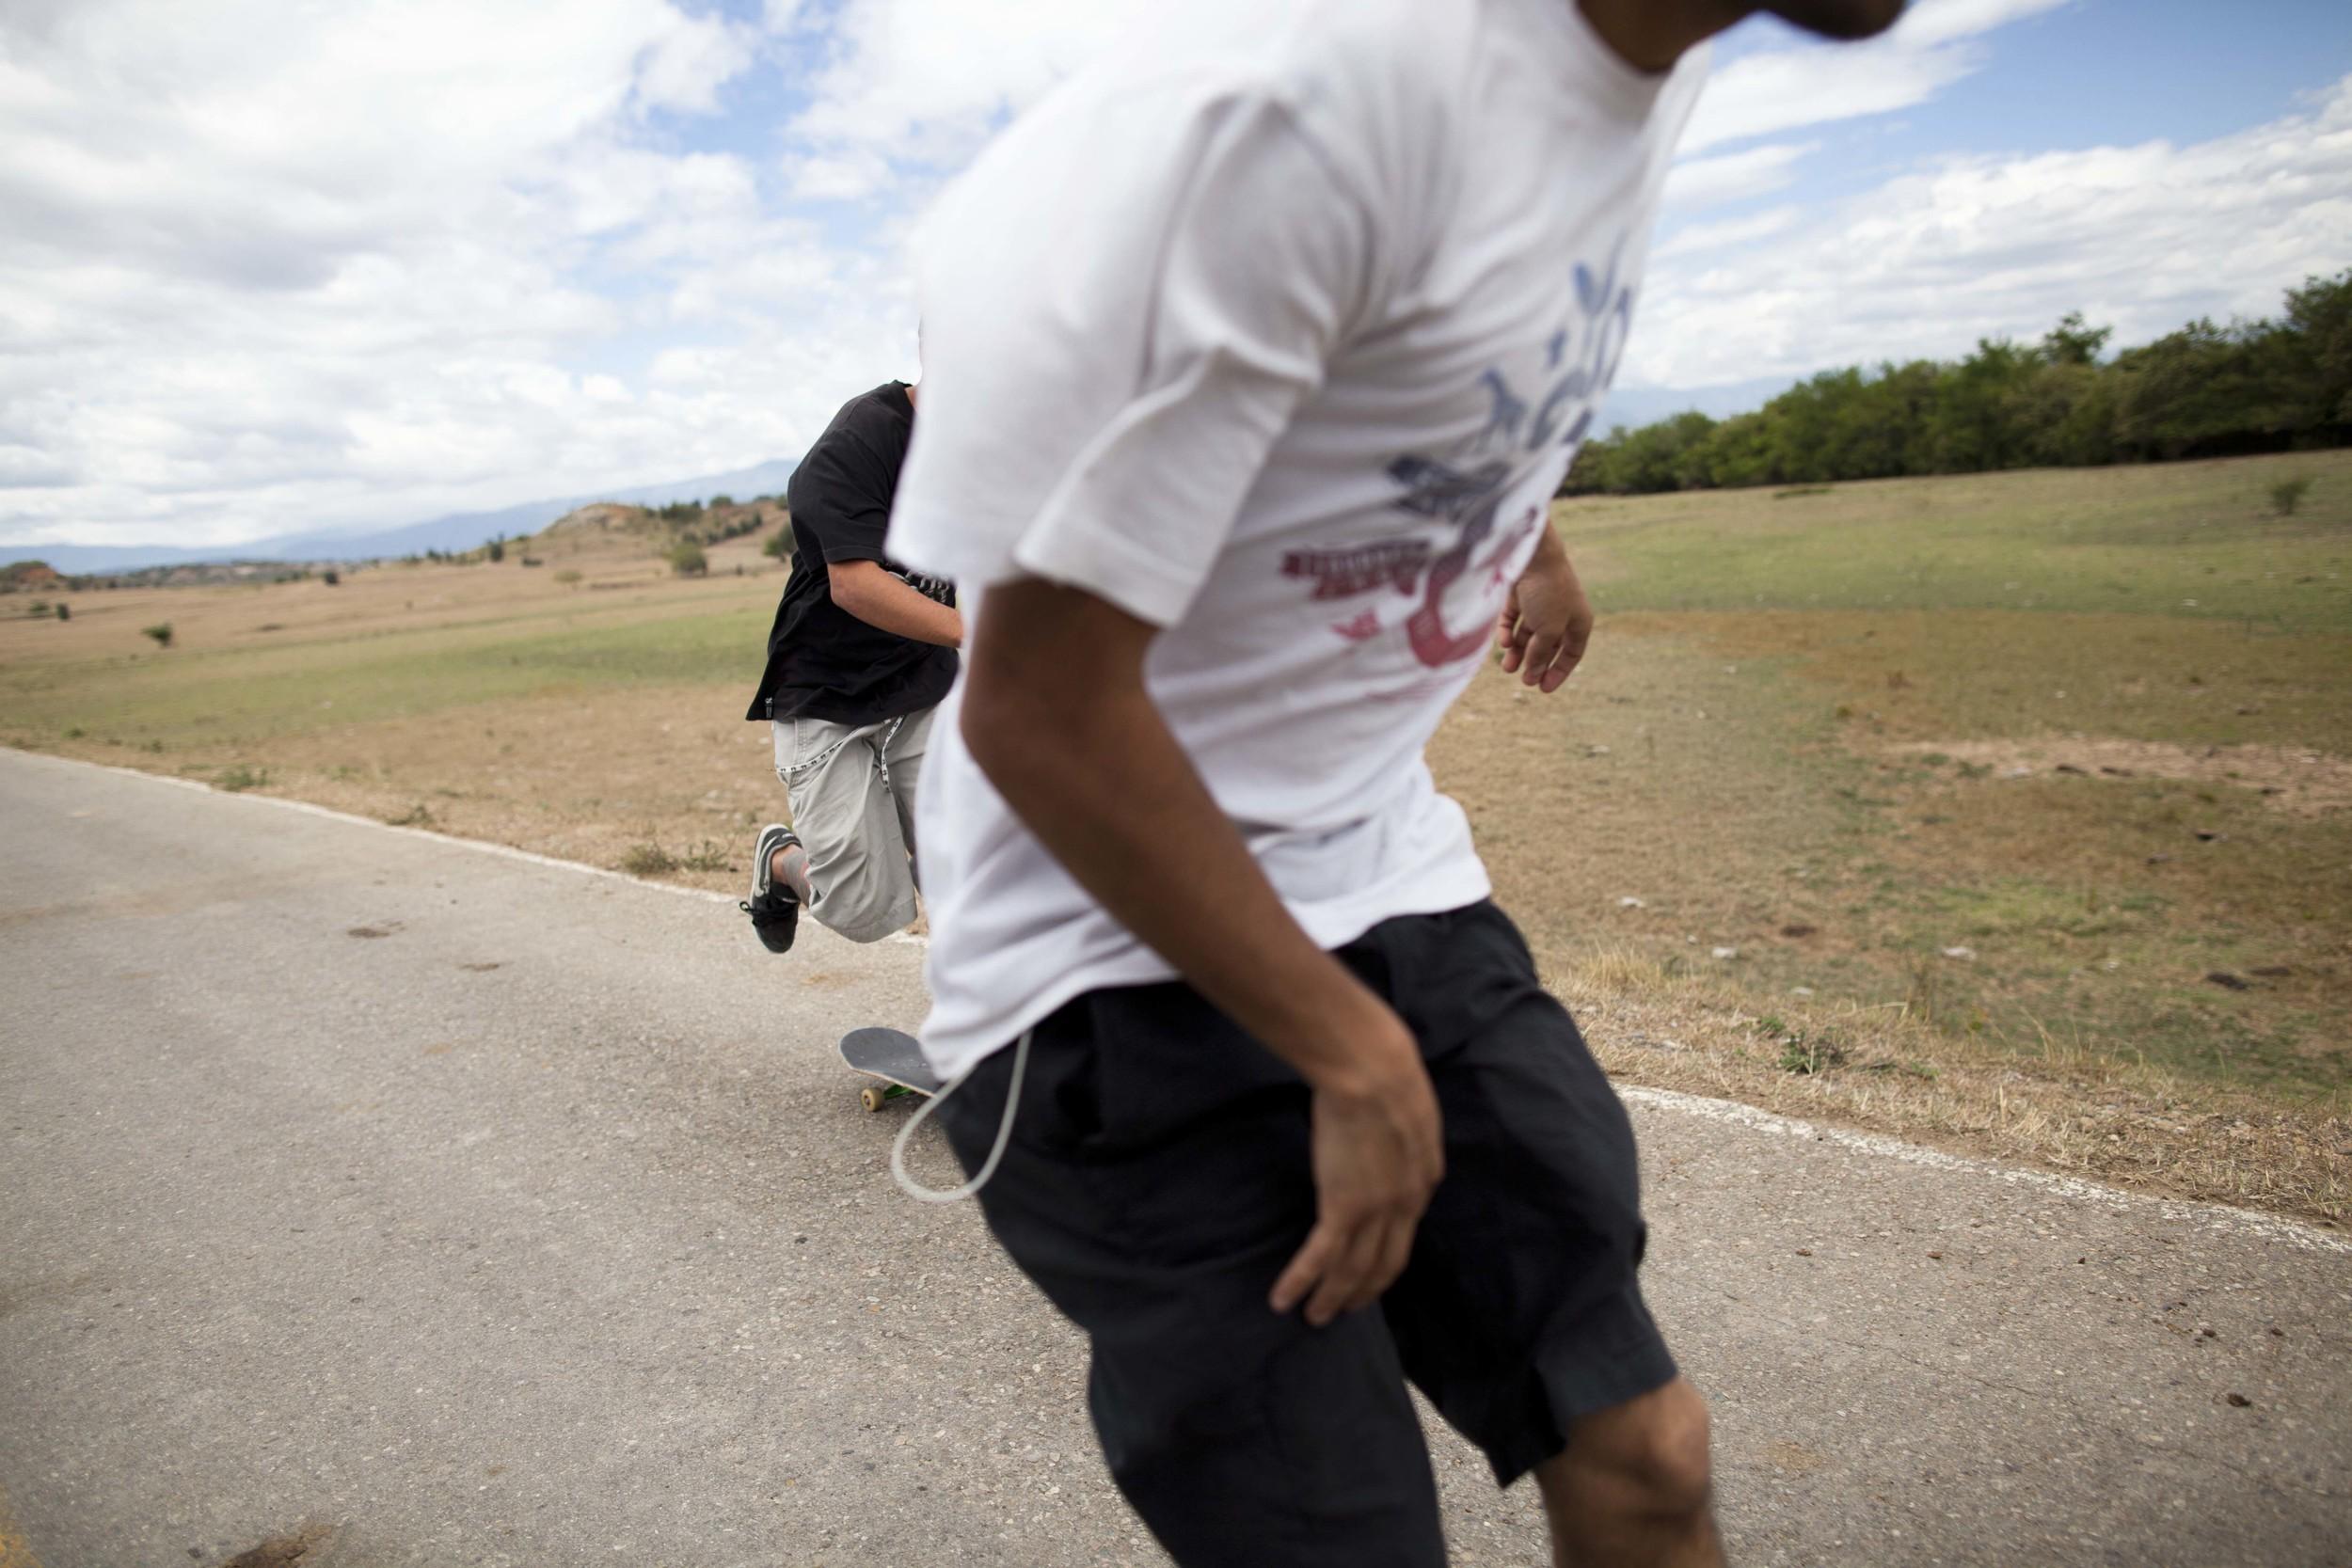 Tatacoa Desert. 31 July 2012. Felipe and his friend Manuel skateboarding in the vastness of the Tatacoa Desert.